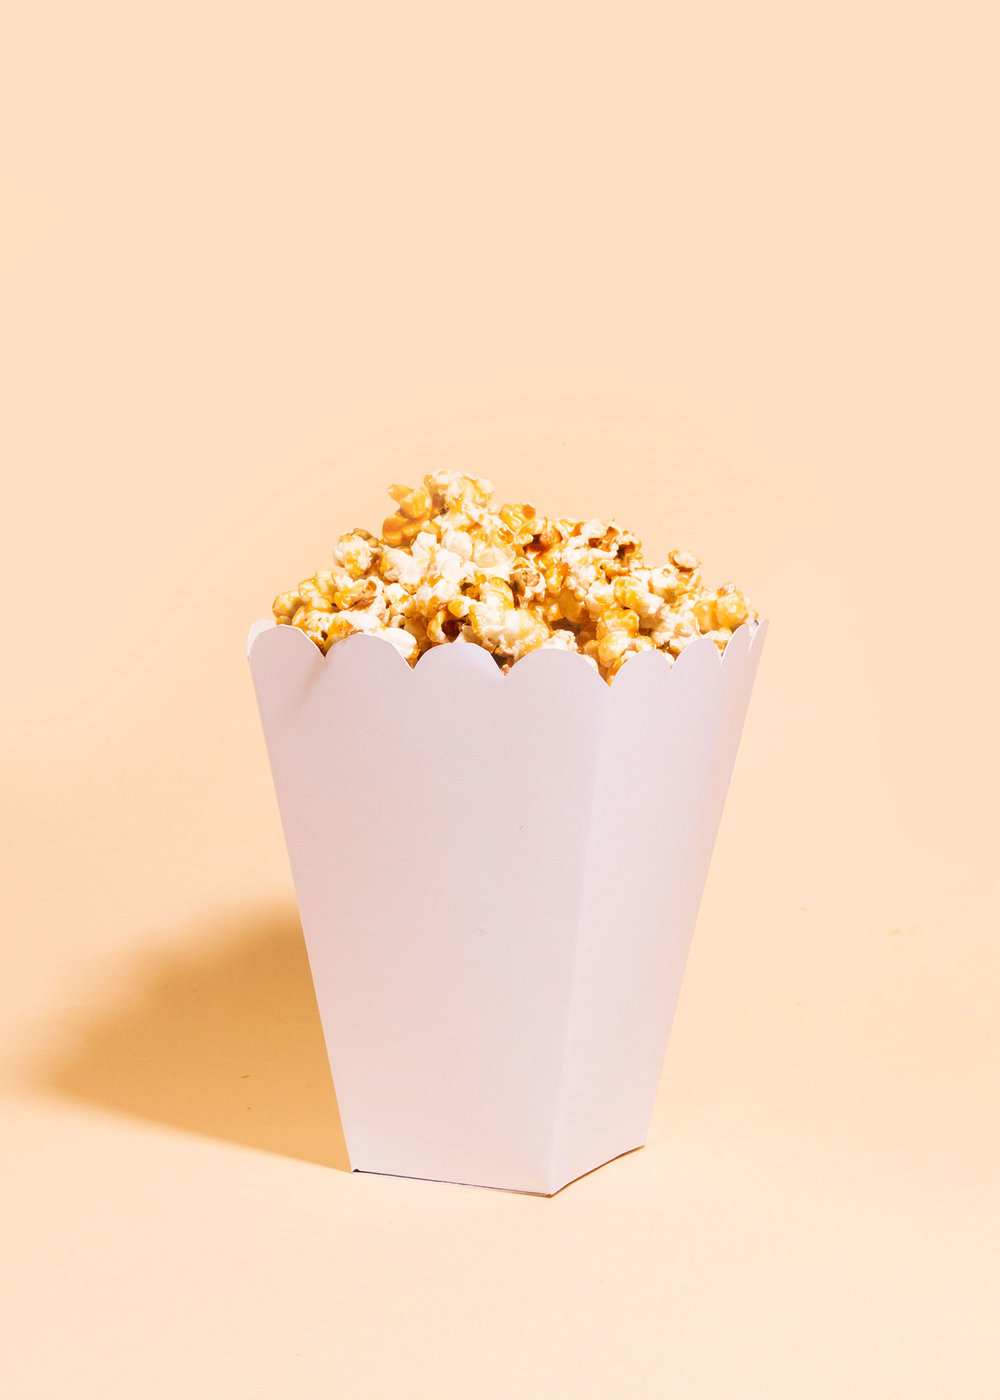 05_NOMNOM_Karamell_Popcorn_Fleur_de_Sel.jpg